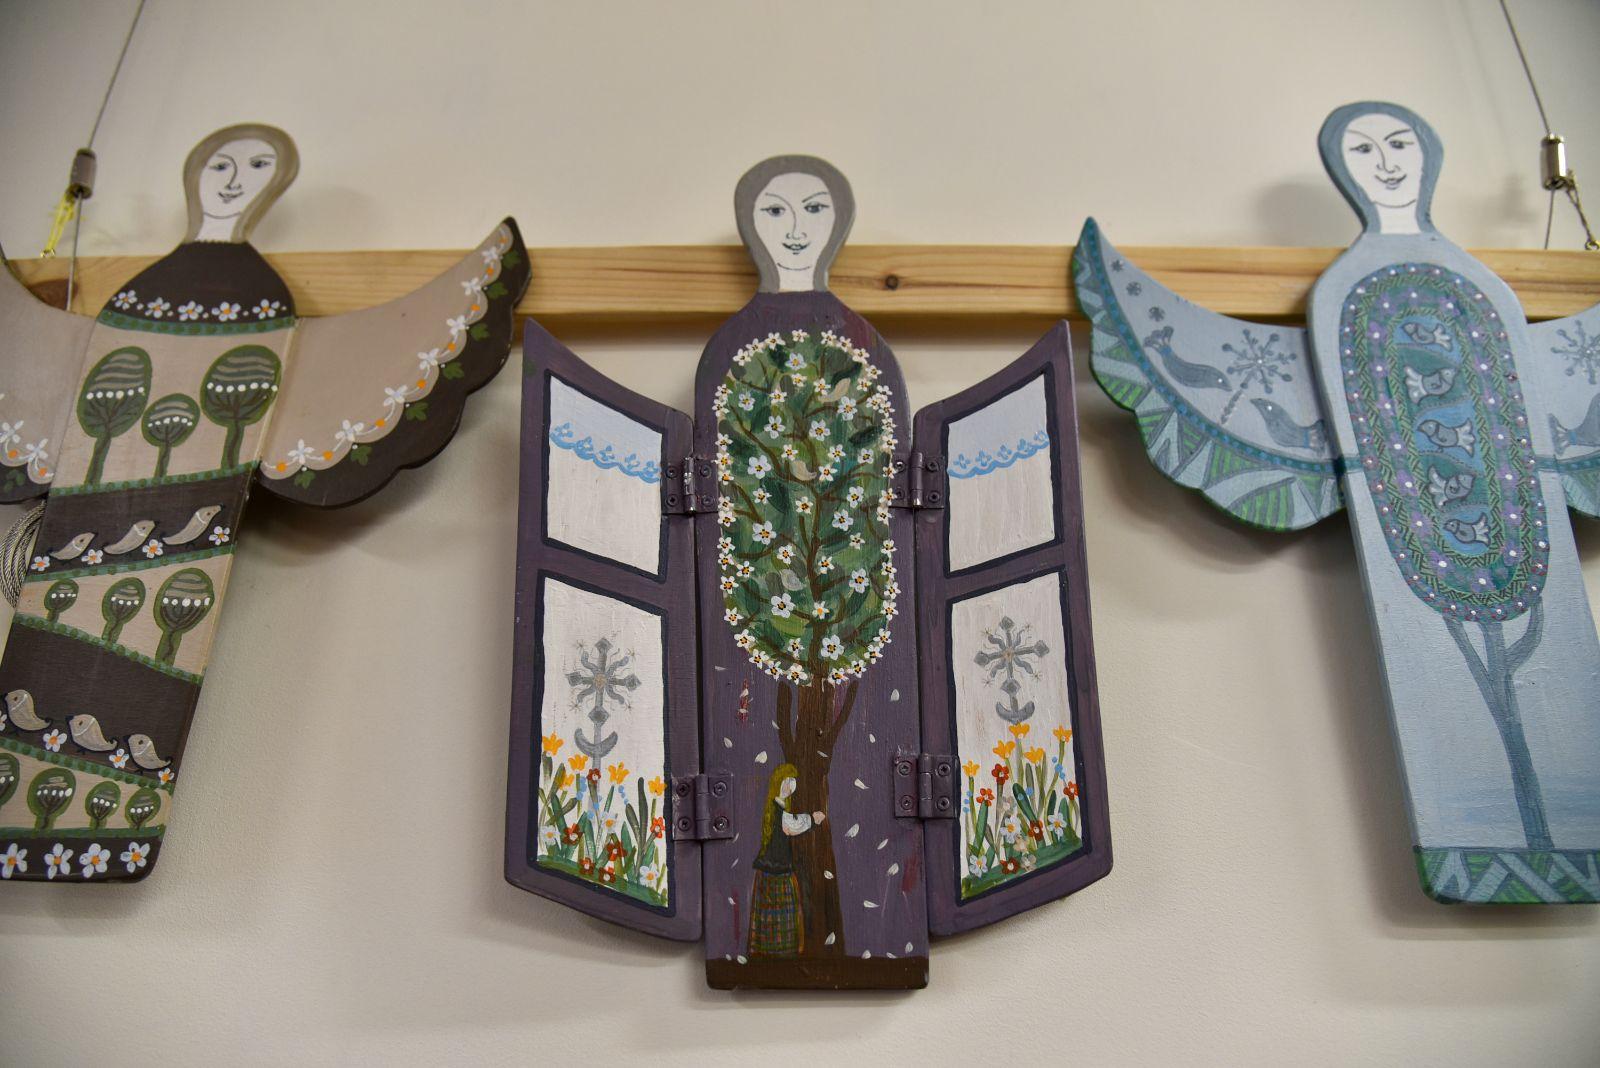 """V. Čyžienės darbų parodoje """"Ant paukščio sparno angelas sėdi"""" eksponuojami ant išpjaustytos plokščios medienos ištapyti šie skraidantys pavidalai. P. Židonio nuotr."""